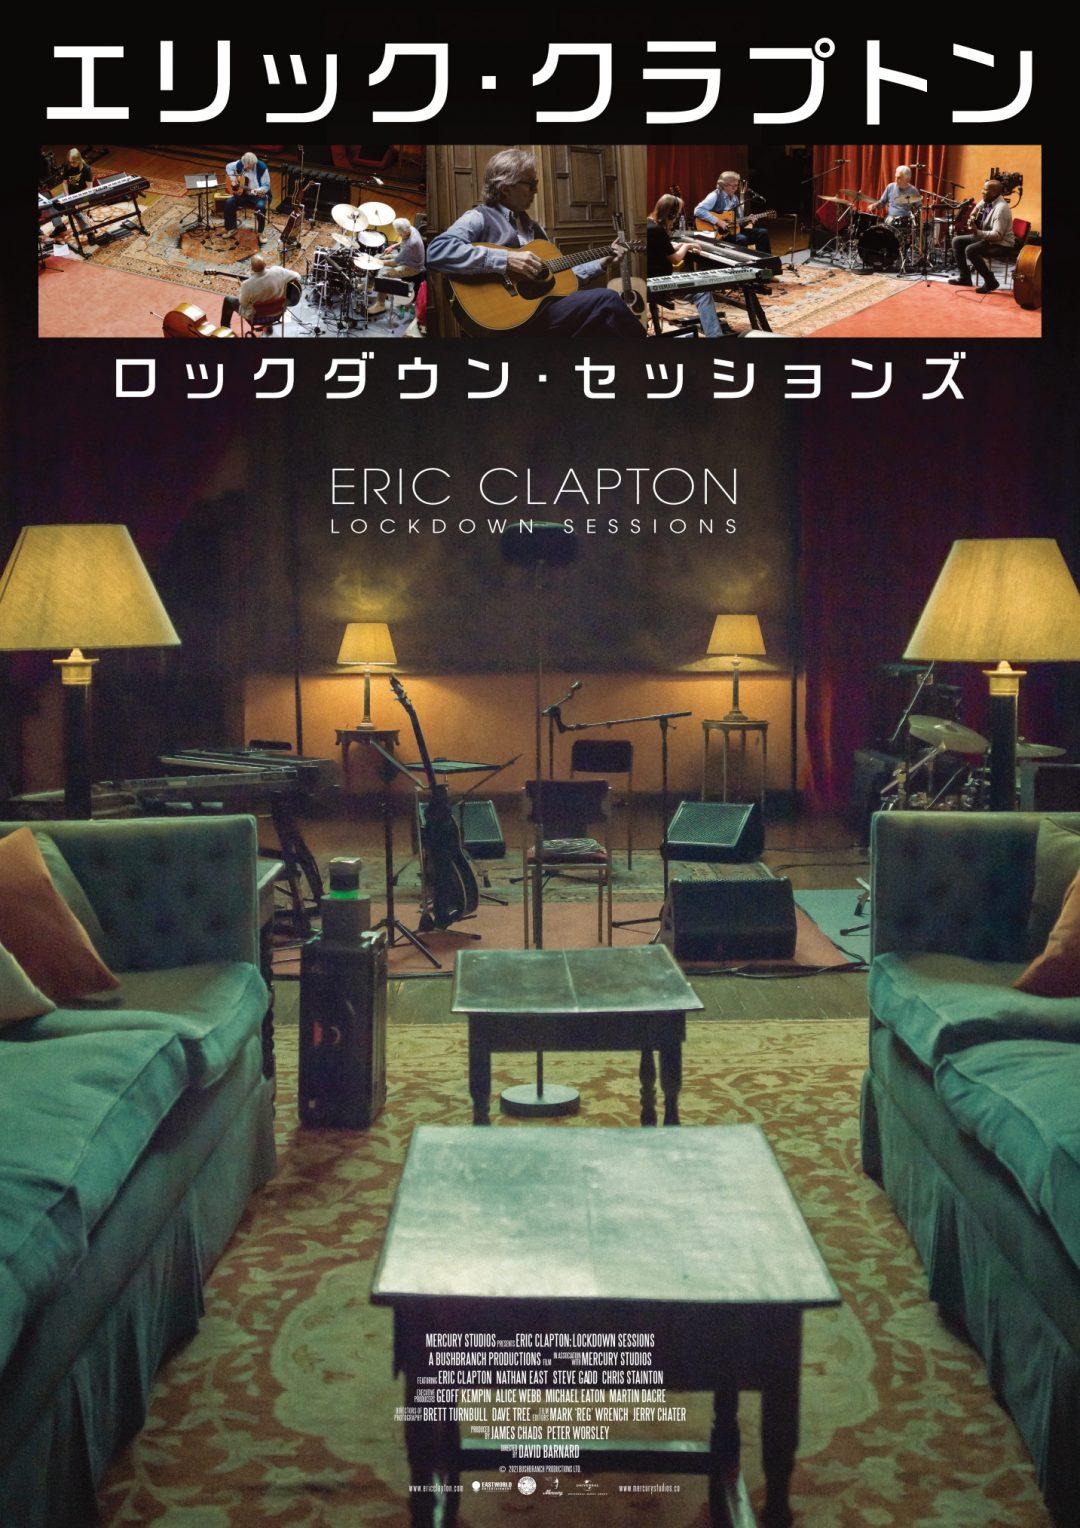 クラプトンのライブをスクリーンで!劇場上映版『エリック・クラプトン / ロックダウン・セッションズ』 期間限定公開が決定